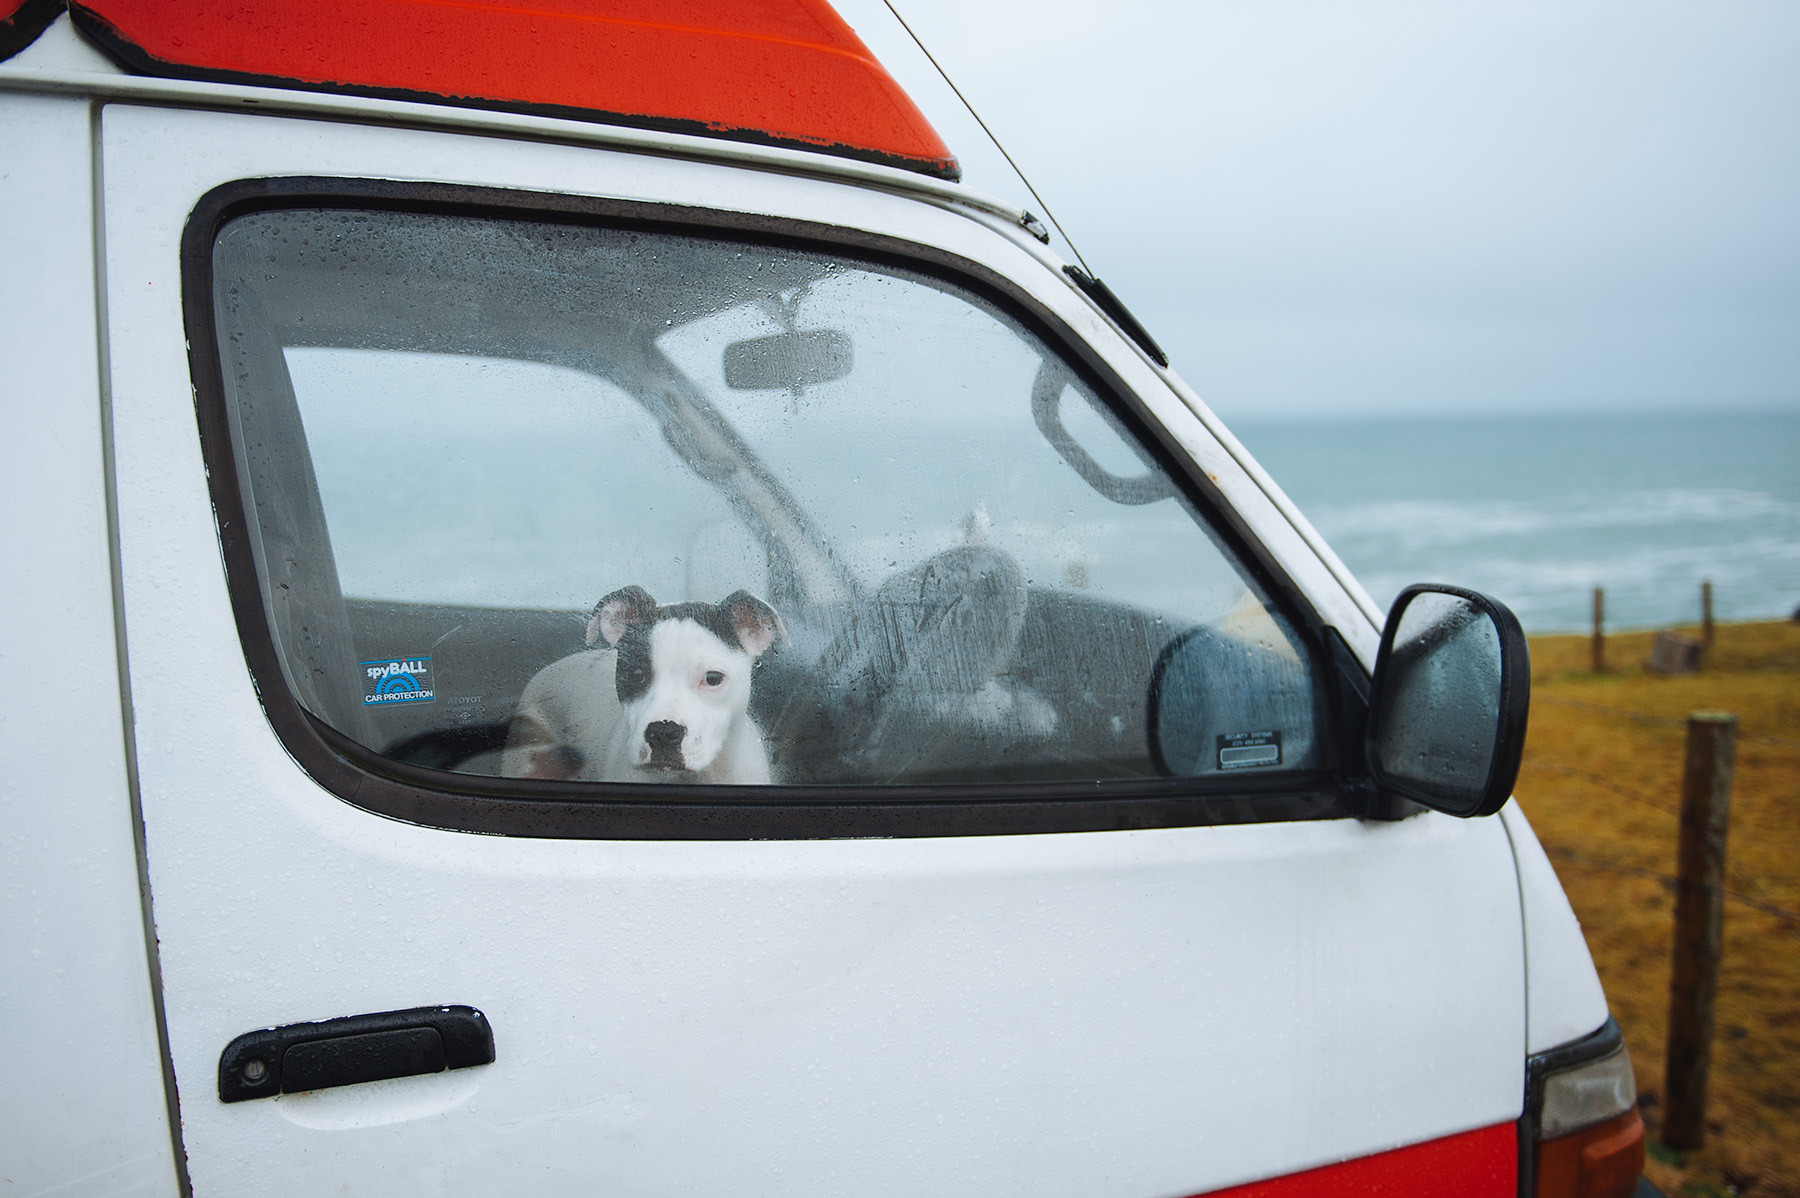 winter-surfing-ireland-sport-adventure-05.jpg